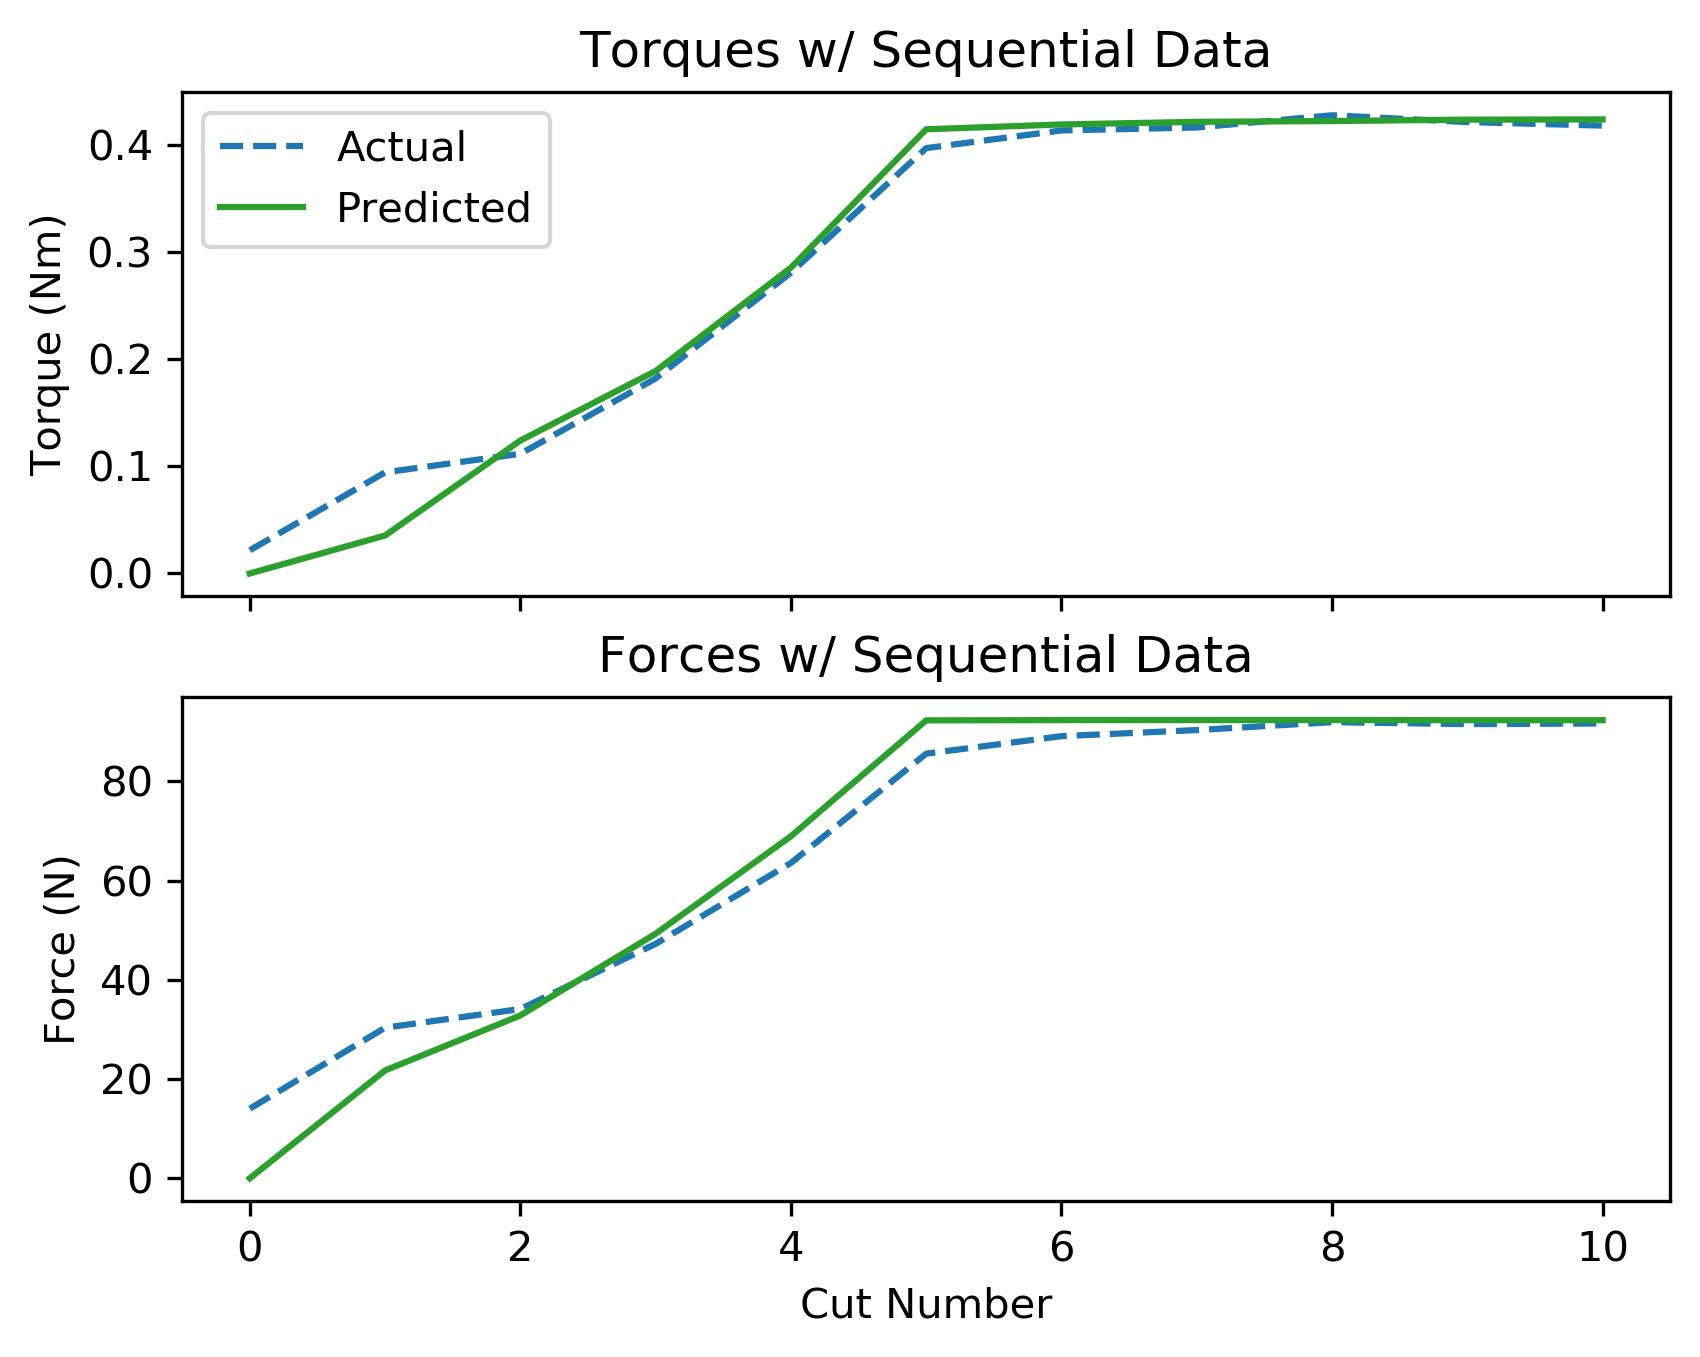 assets/ammp_graphs/ammp-brass-3_8_seq_data.png